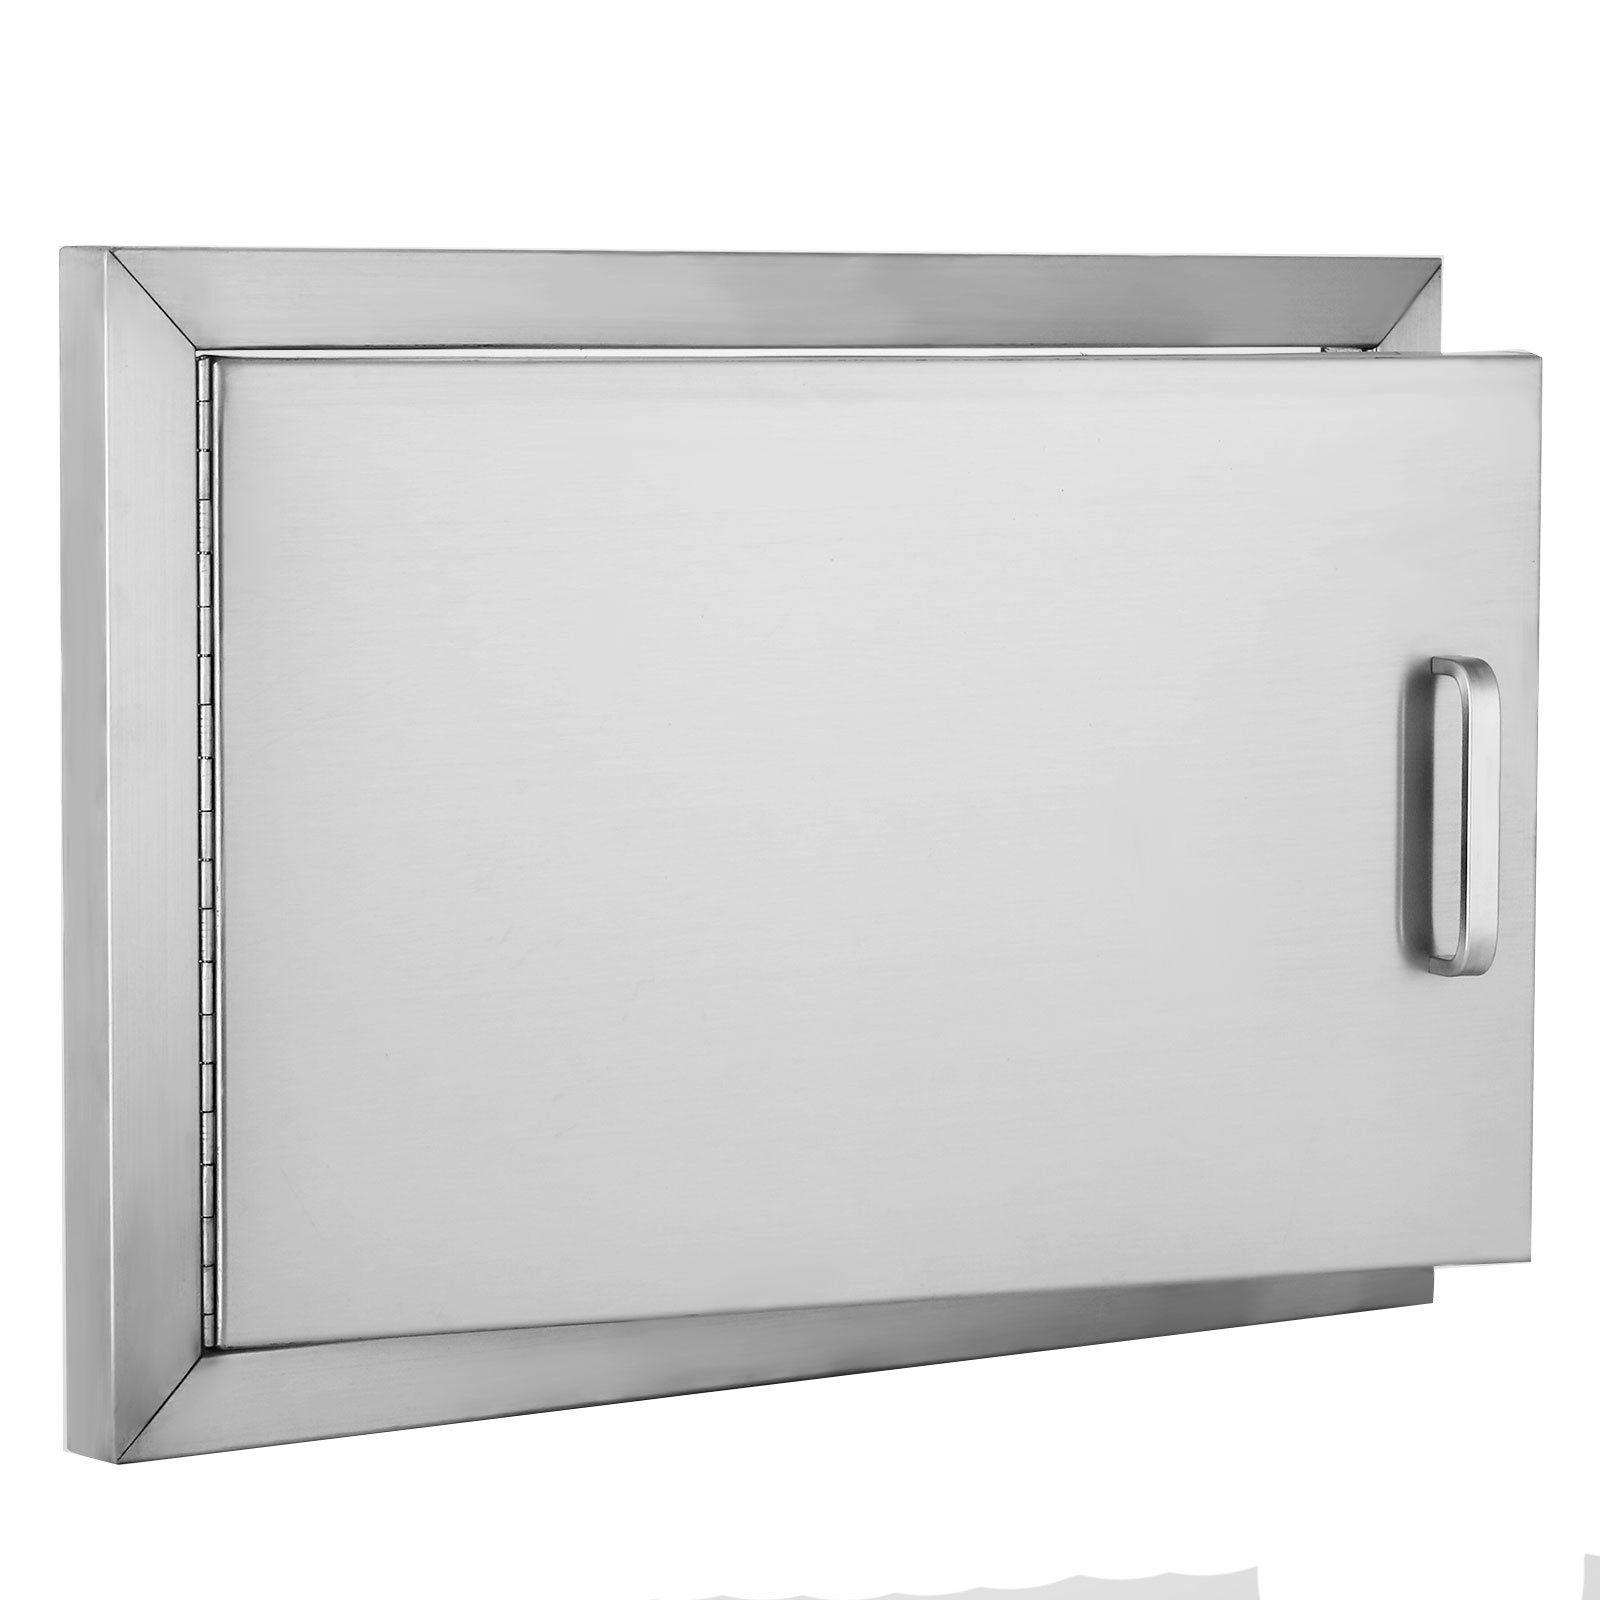 Zbond 20wx 14h Bbq Access Door 304 Stainless Steel Bbq Island Door Heavy Duty Single Horizontal Door For Out Stainless Steel Bbq Outdoor Storage Storage Spaces